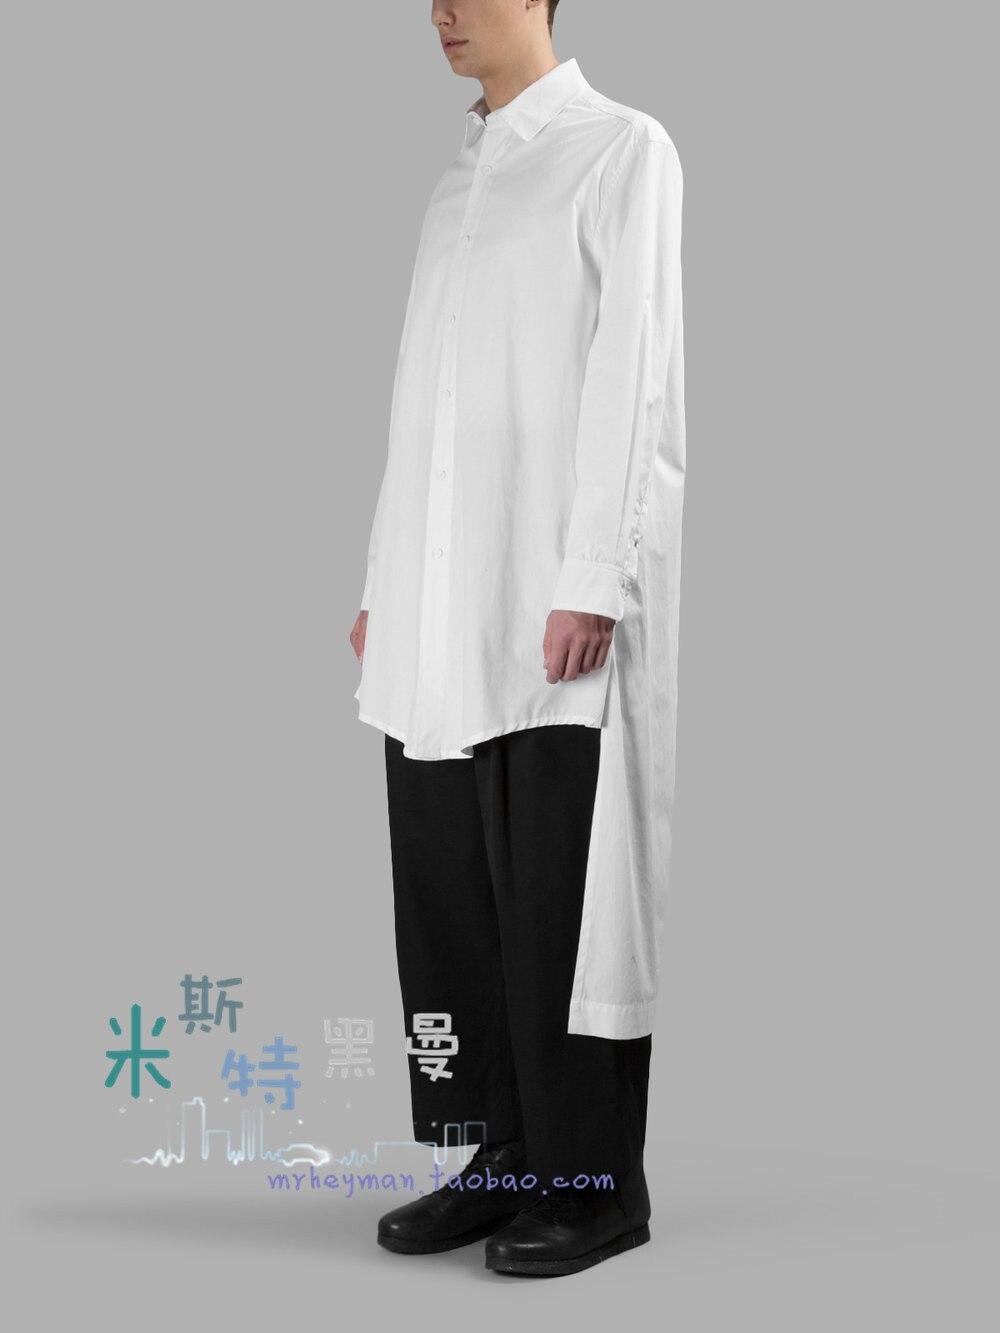 Col Costunes La Gd Noir S Faux Deux Couture Longue Plus De Taille Chanteur Nouveaux blanc Rétro Chemise Double Hommes 5xl Vêtements ~ Personnalité 2018 Sq1wS